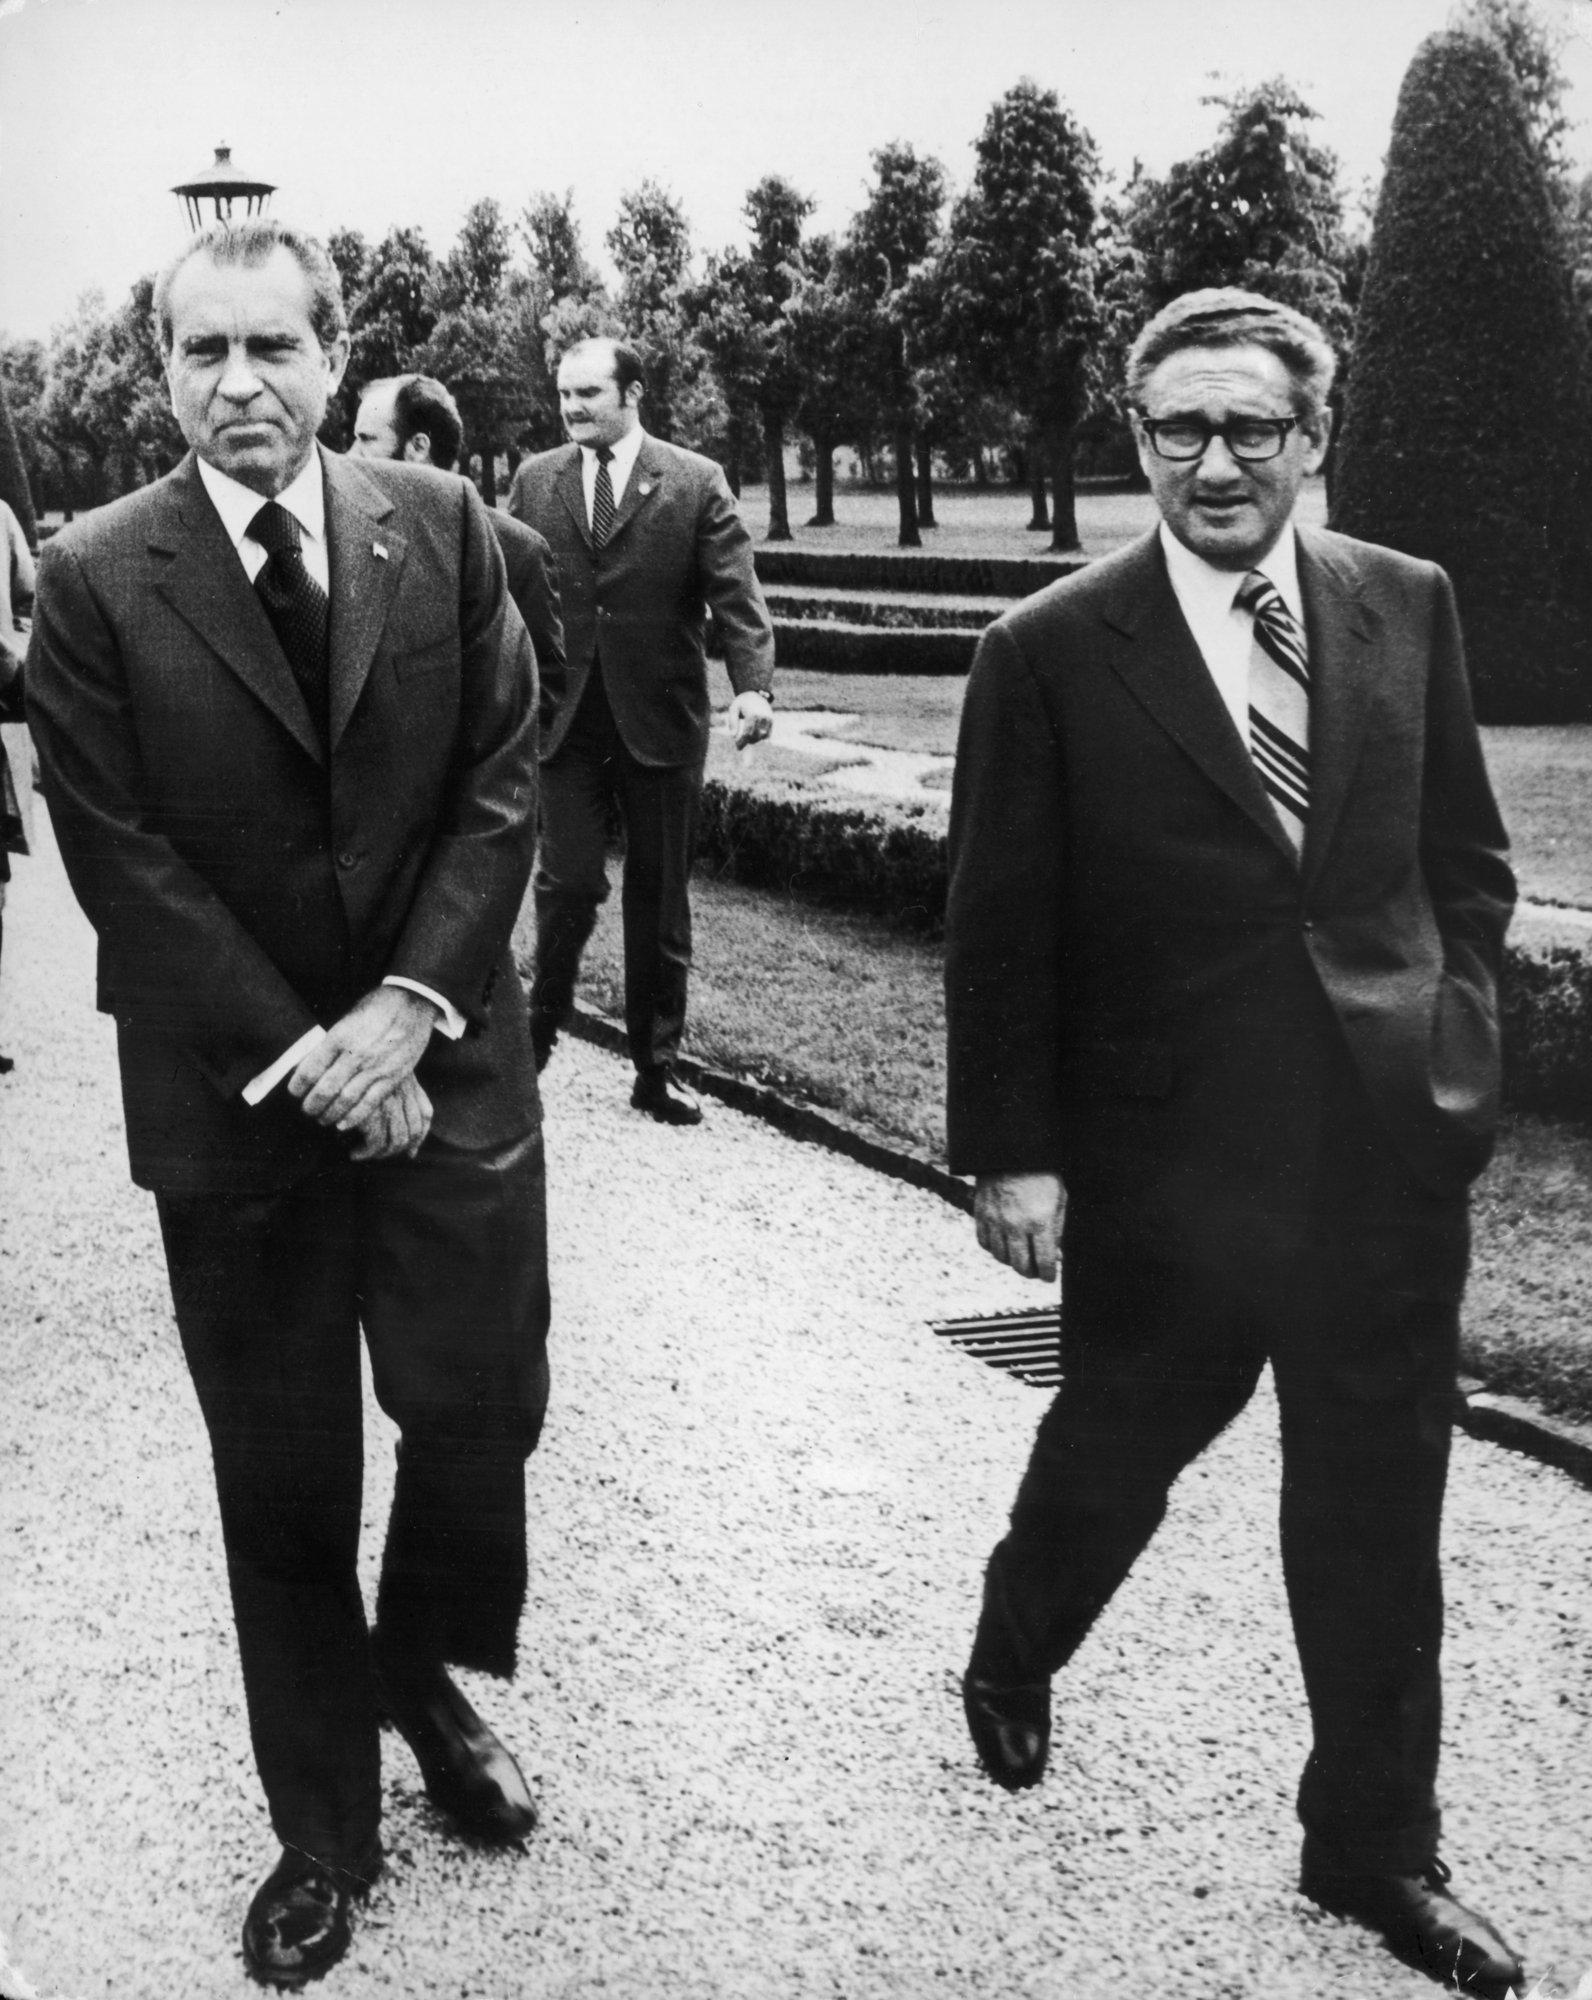 Miles de informes demuestran que EEUU estuvo detrás del golpe de Estado en Chile